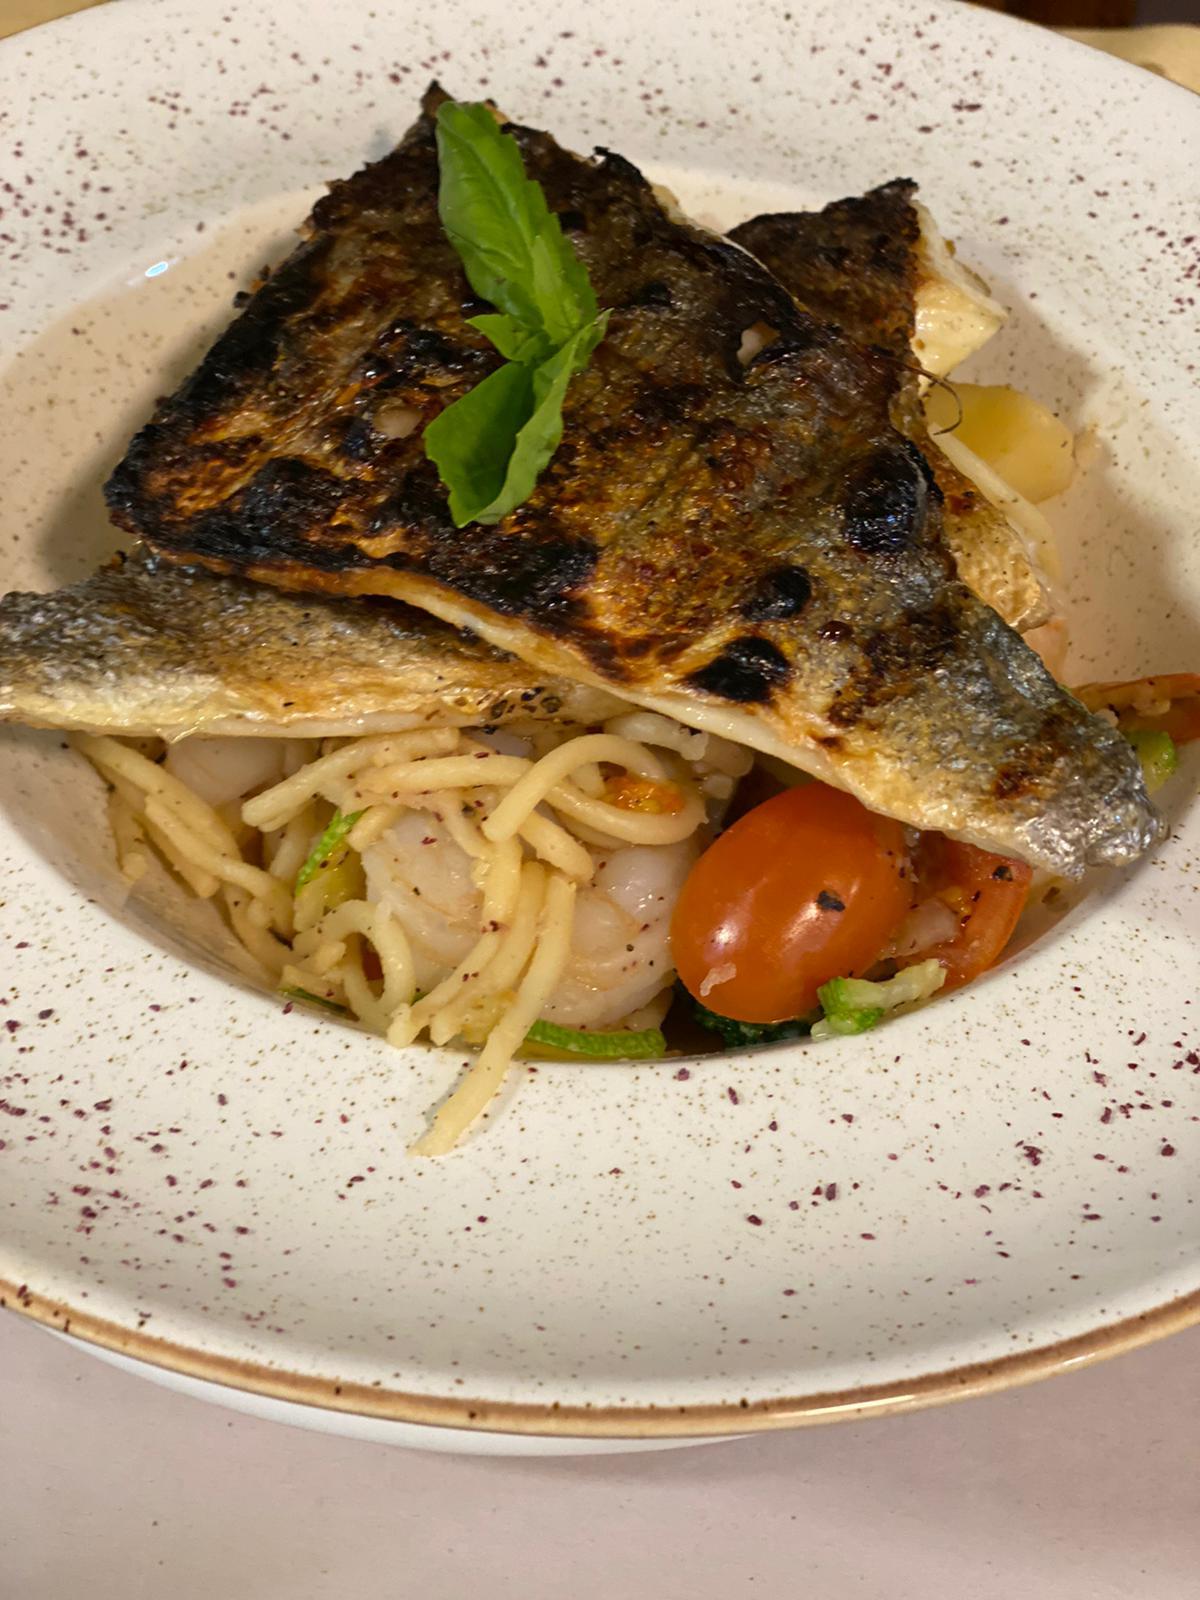 اطلبها وتصلك فوراً - وجبات مطعم أفلوكا البحرية الشهيّة بانتظاركم